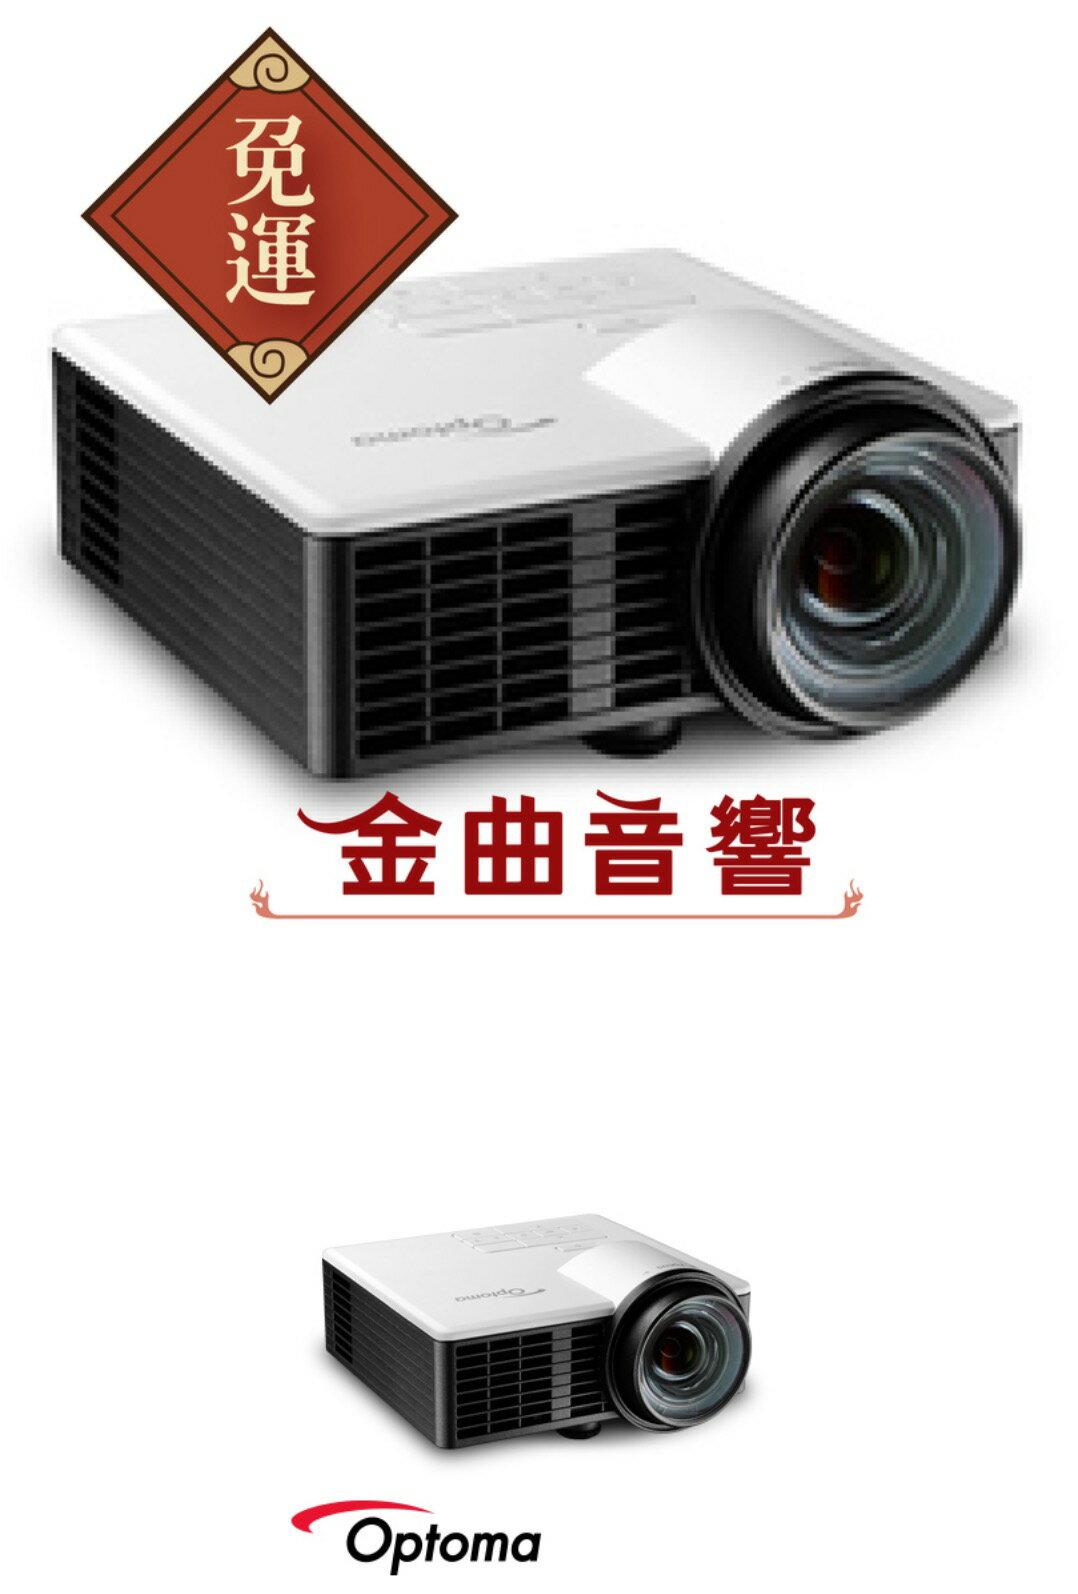 【金曲音響】Optoma ML750ST WXGA LED短焦微型投影機